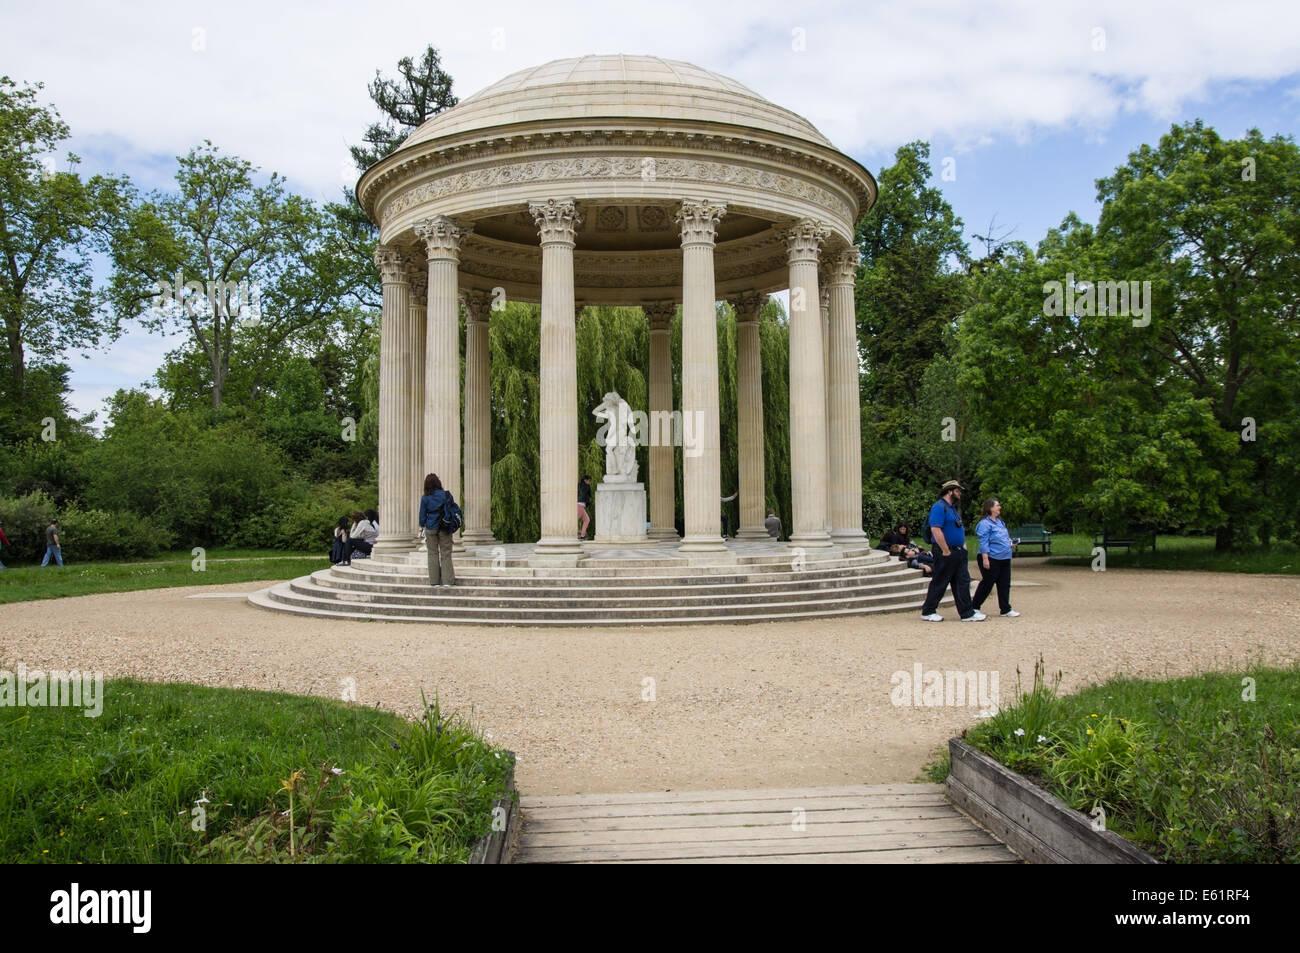 Tempel der Liebe in die Gärten von Versailles in Frankreich Stockbild